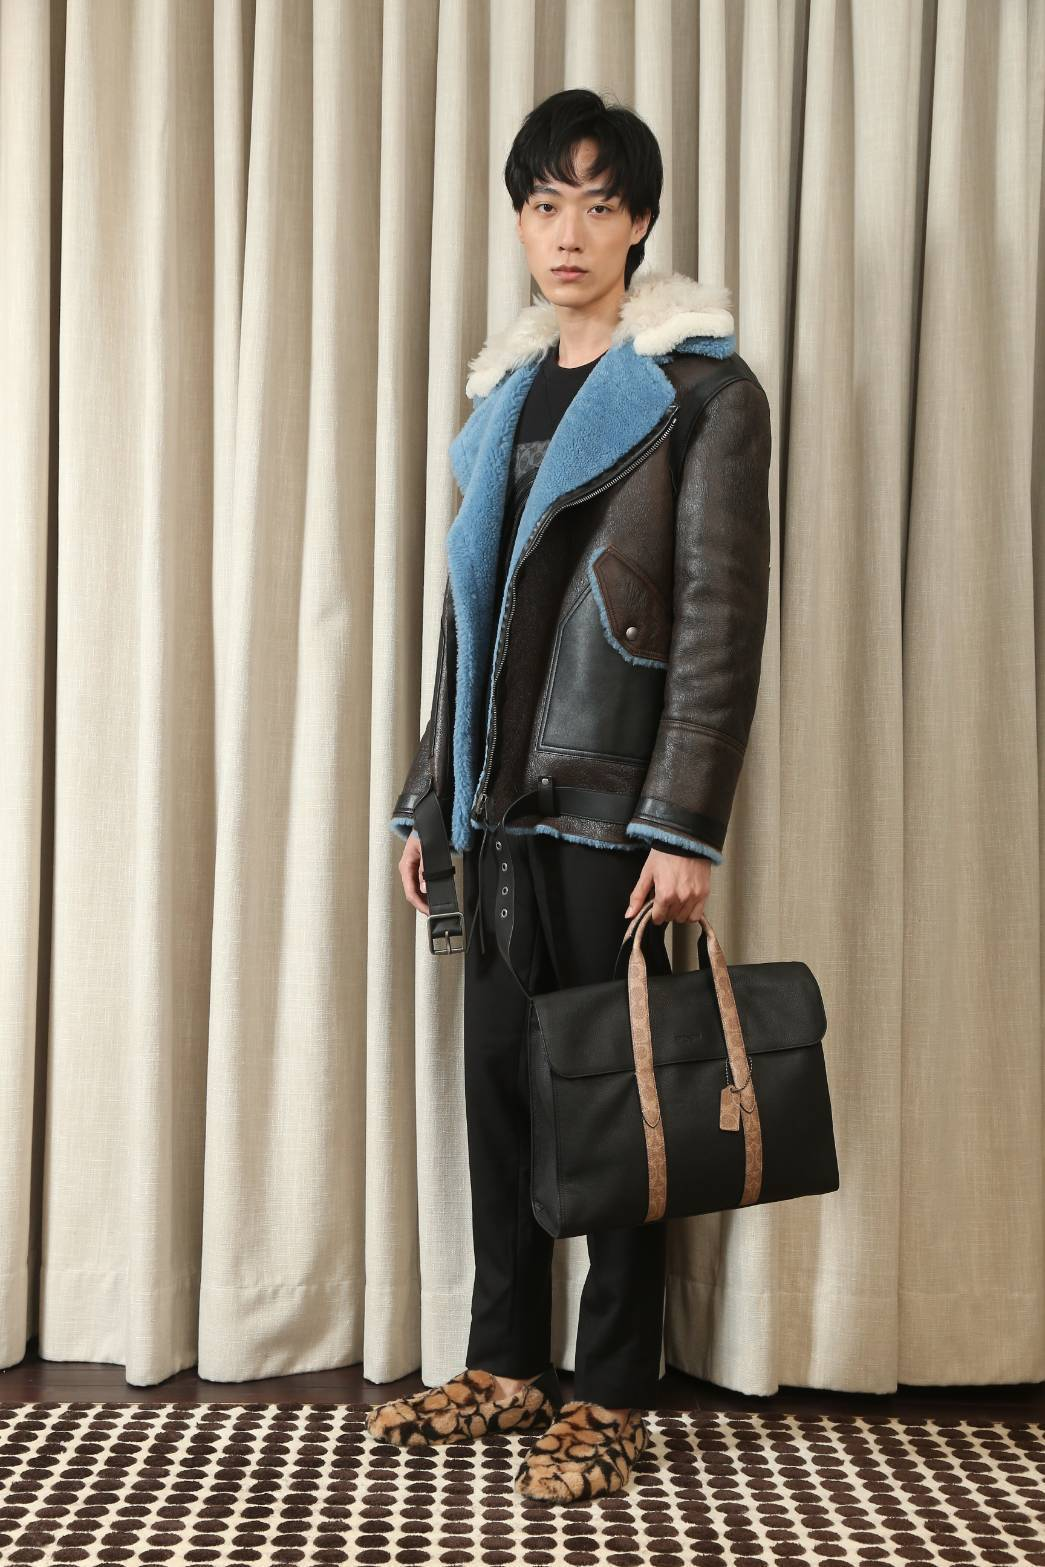 模特兒示範當季Metropolitan手提包21,800元。記者陳立凱/攝影